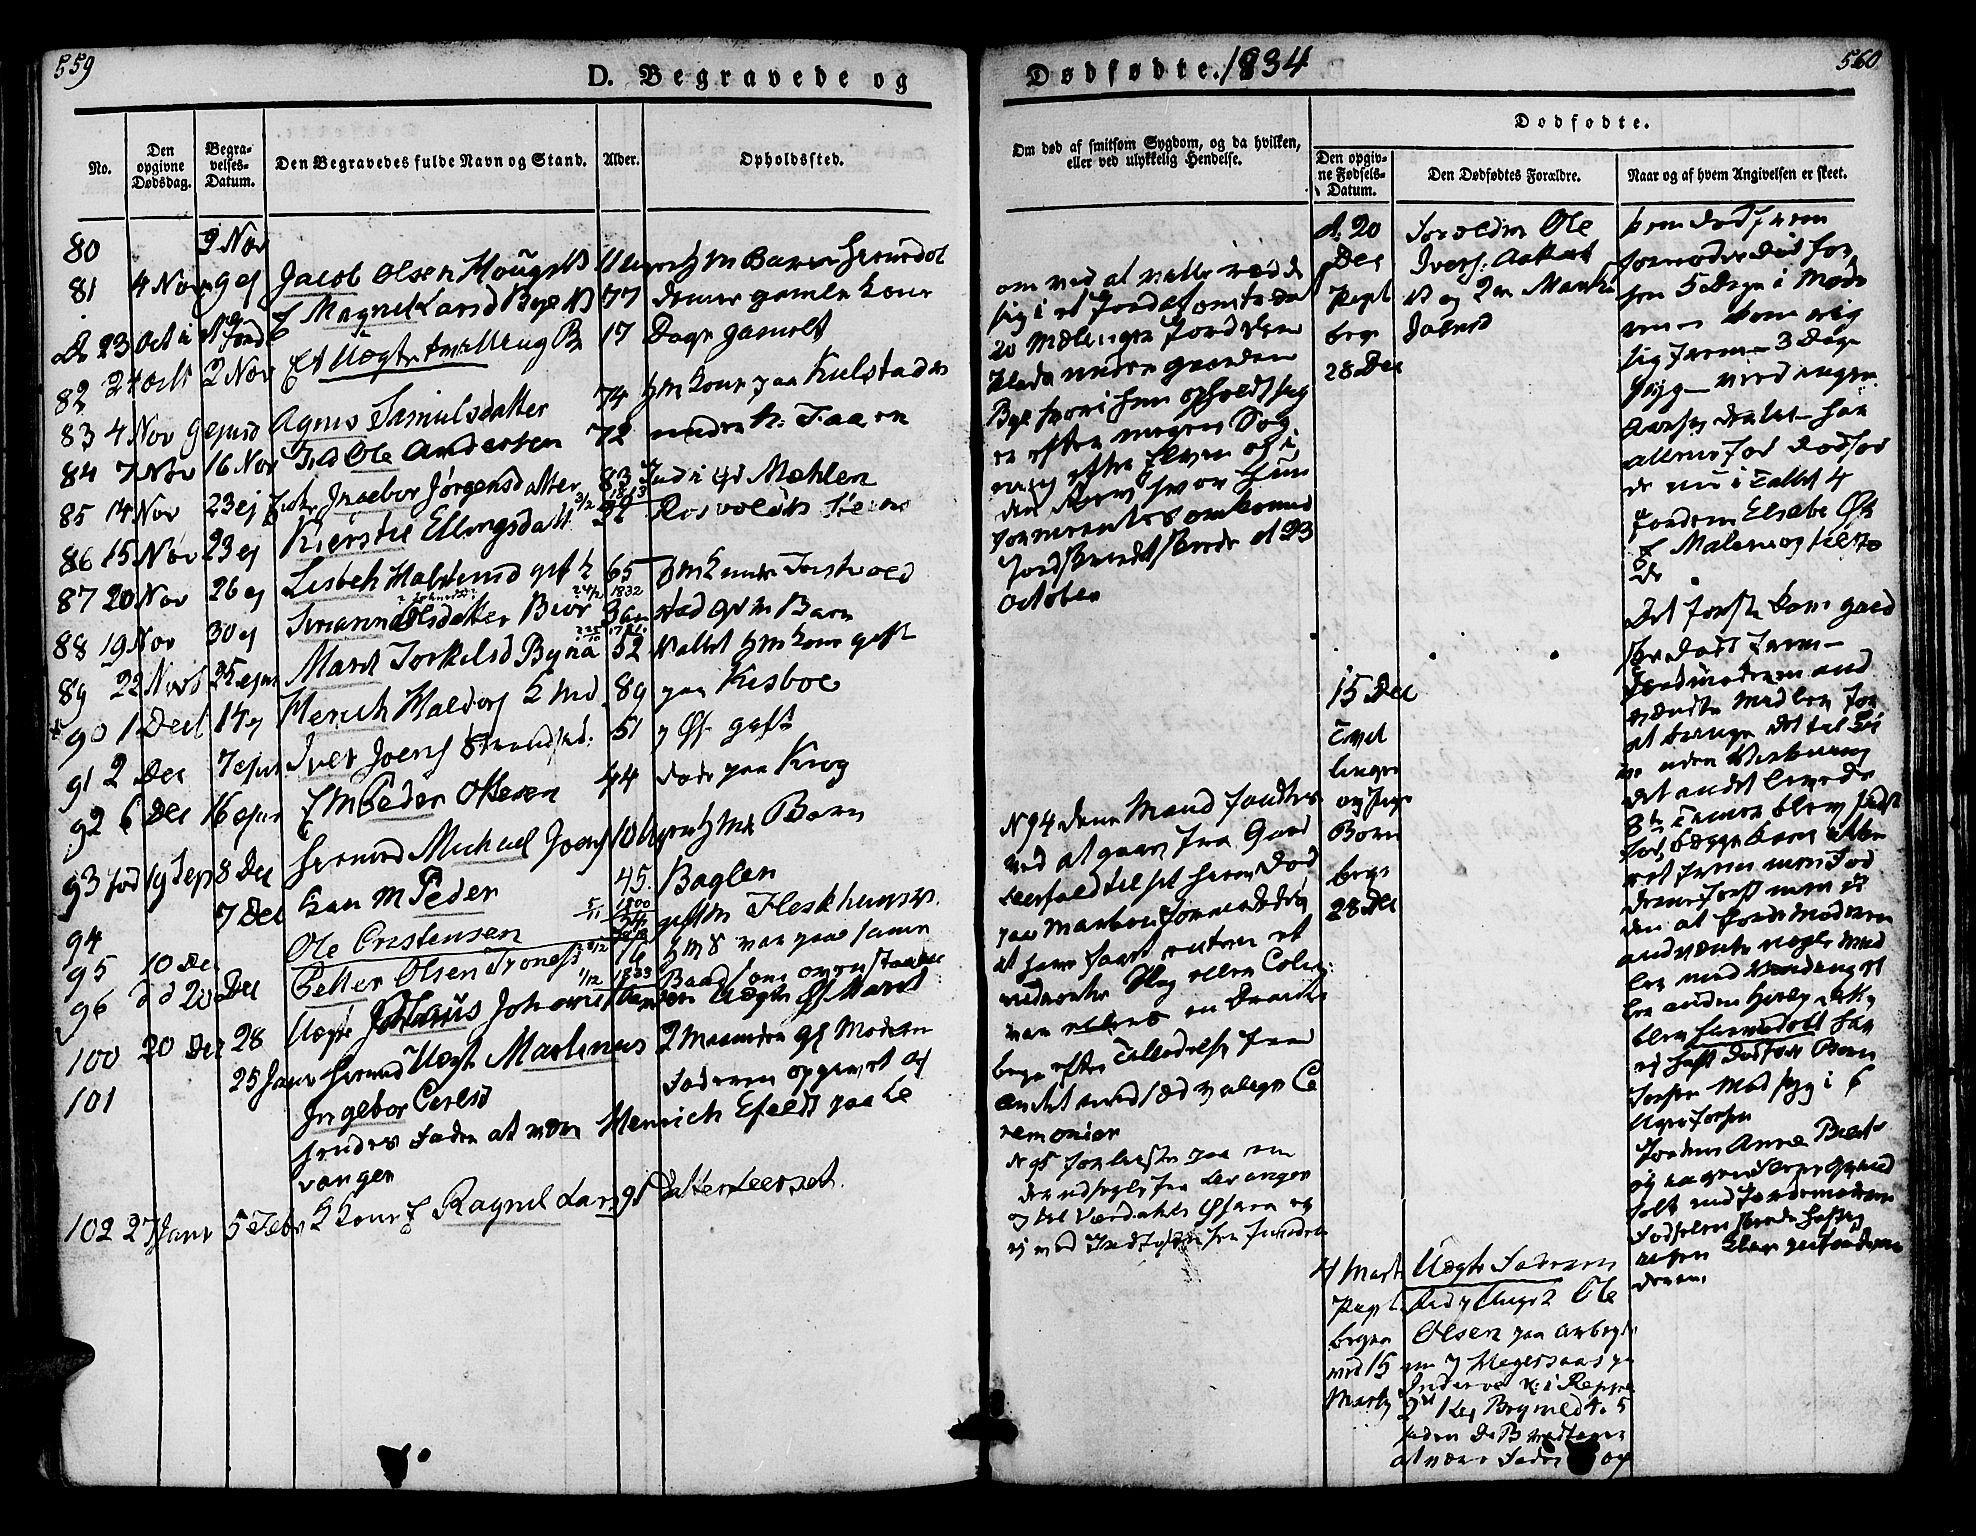 SAT, Ministerialprotokoller, klokkerbøker og fødselsregistre - Nord-Trøndelag, 723/L0238: Ministerialbok nr. 723A07, 1831-1840, s. 559-560